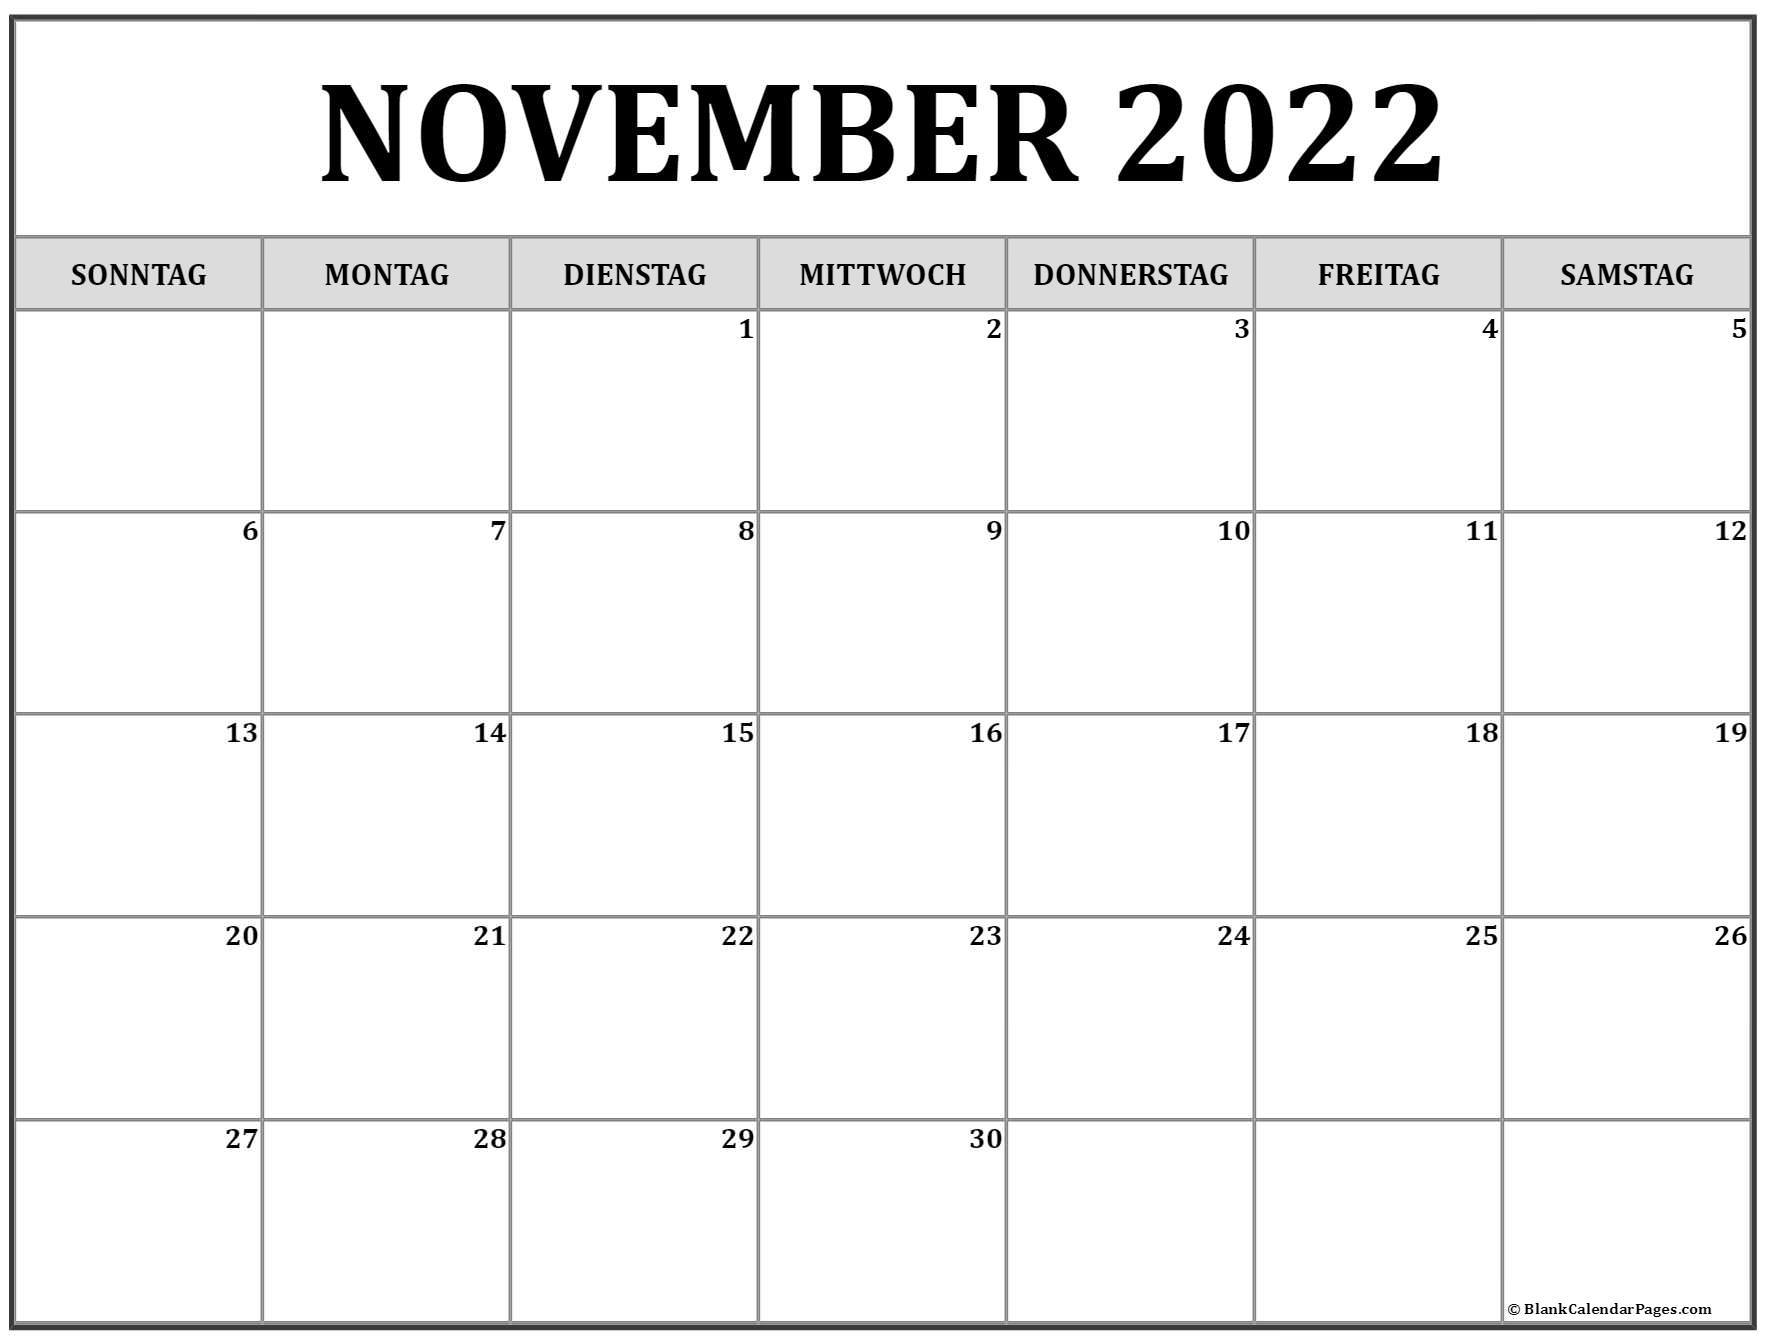 November 2022 kalender | kalender 2022